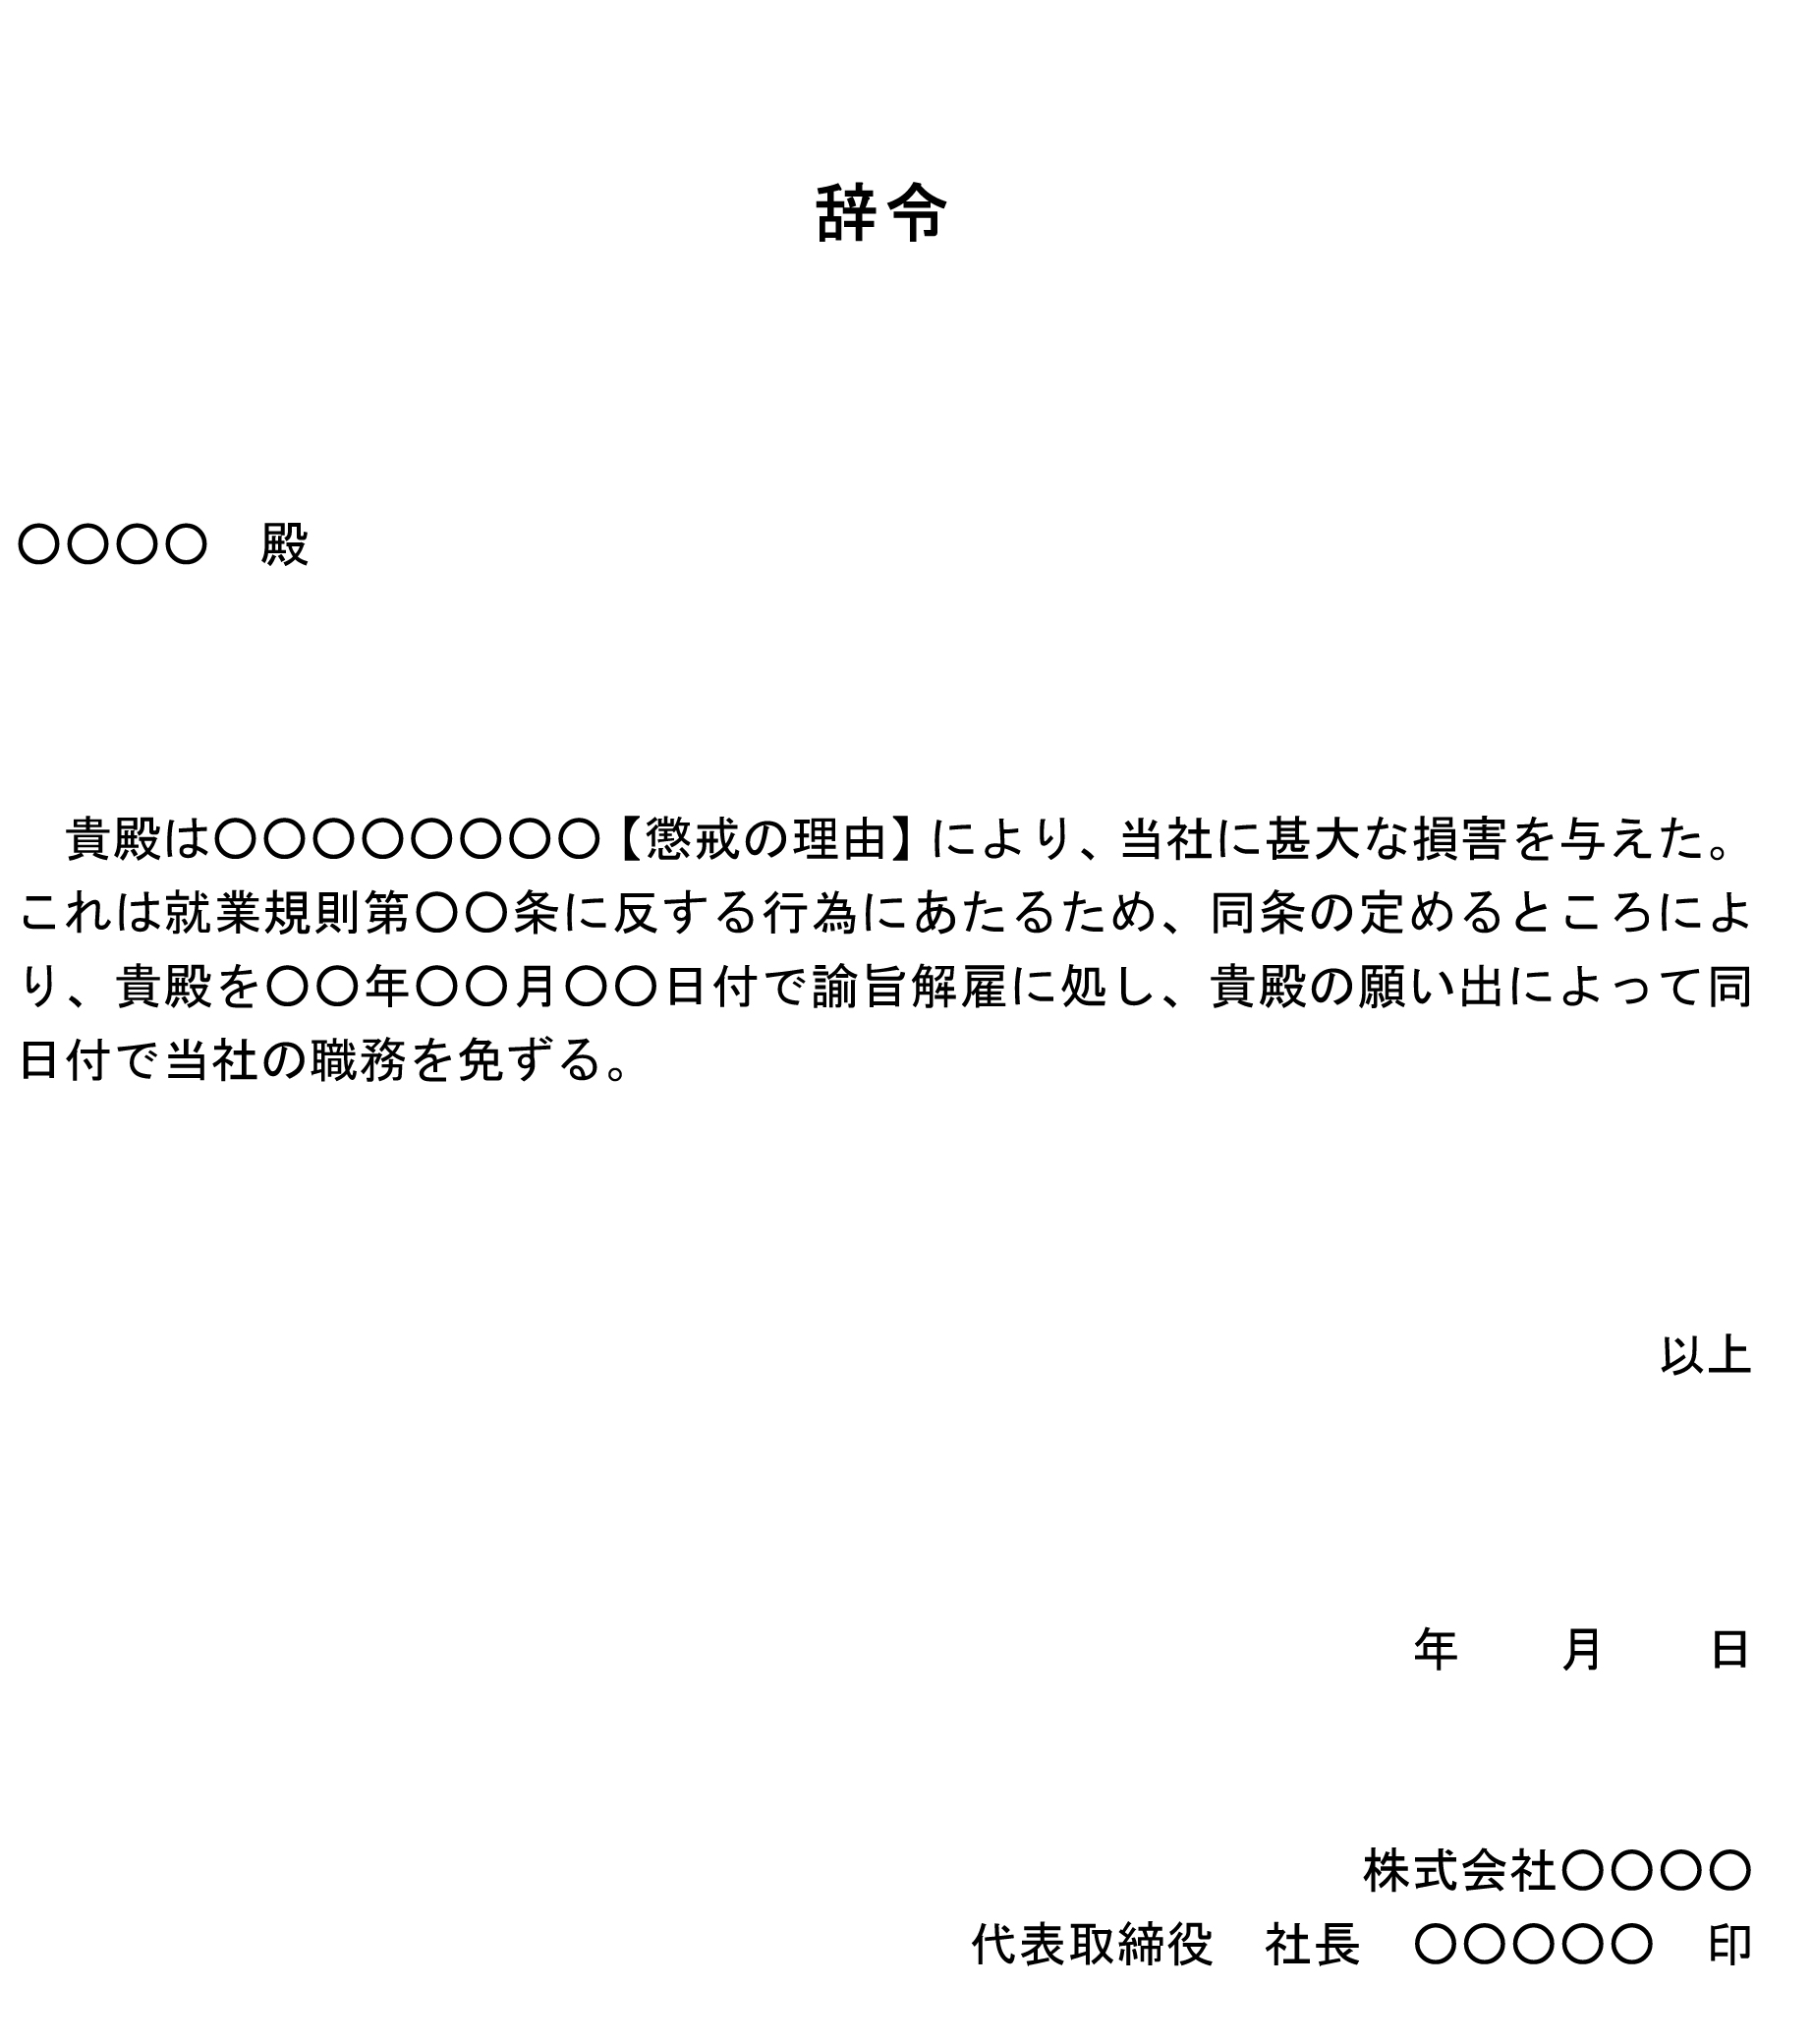 辞令(論旨解雇)